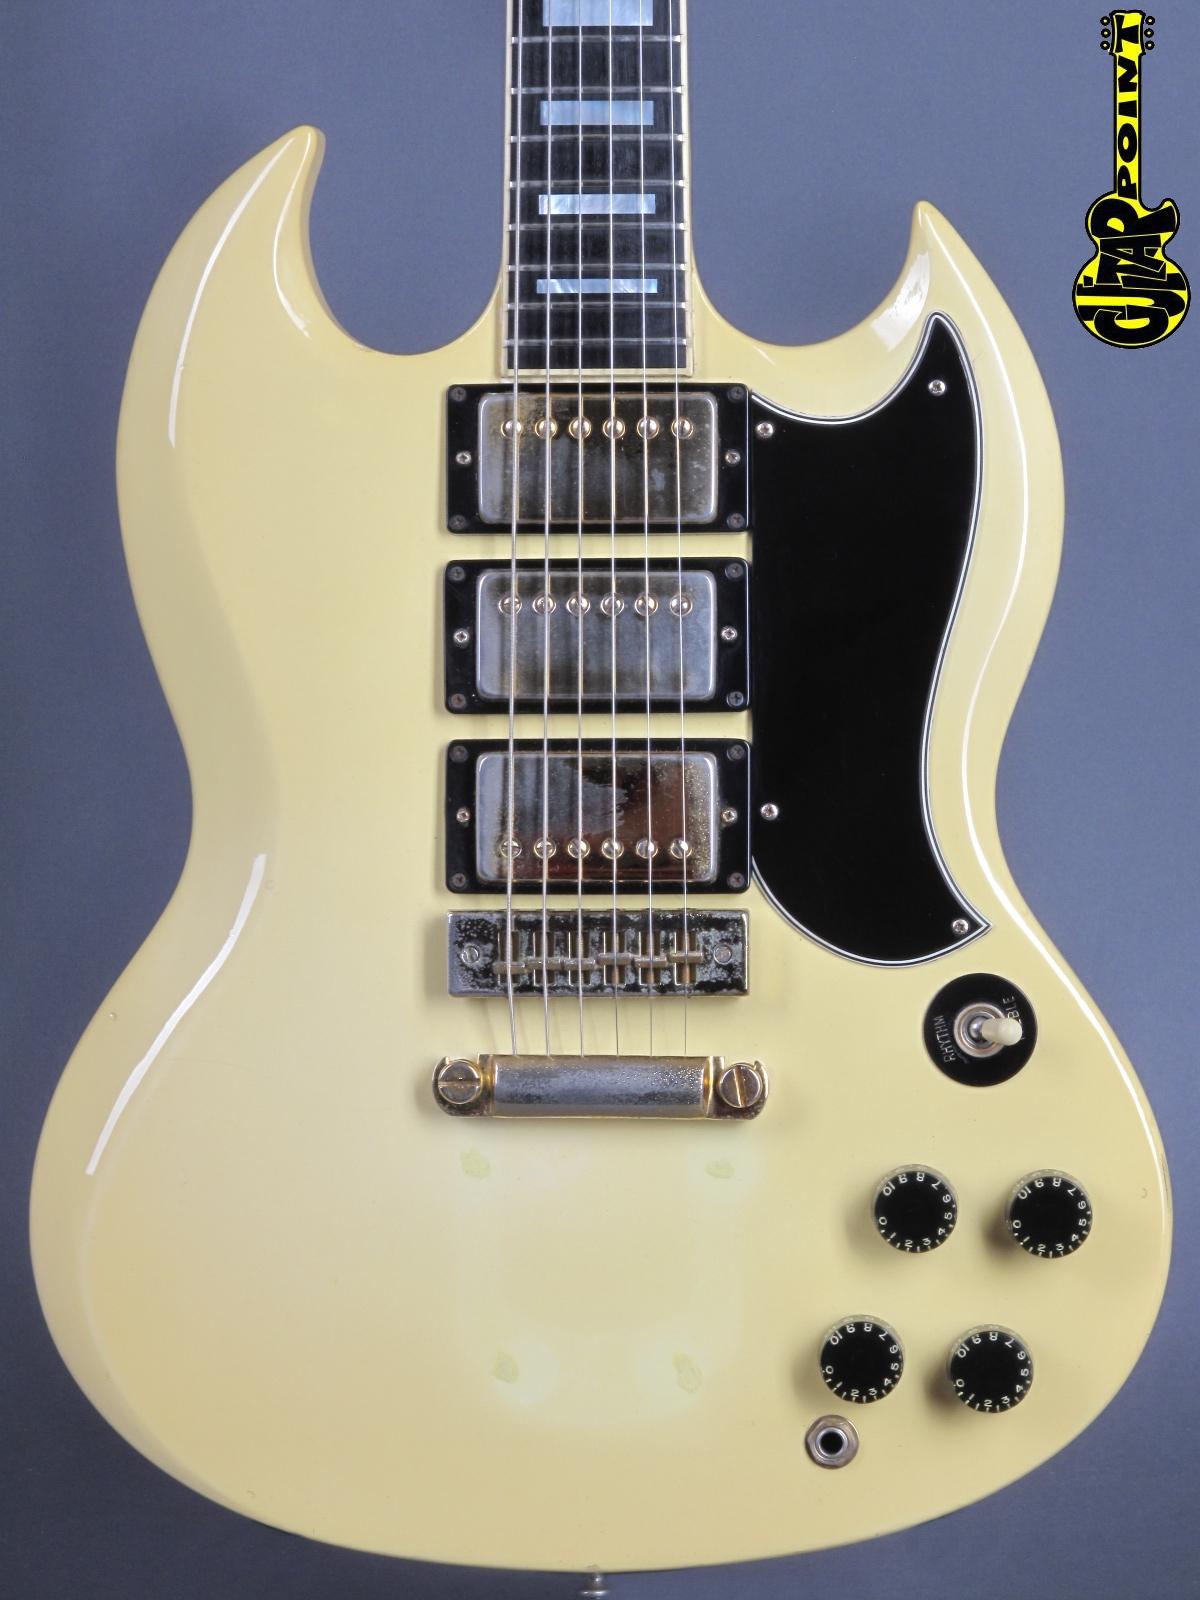 1976 Gibson SG Custom - White